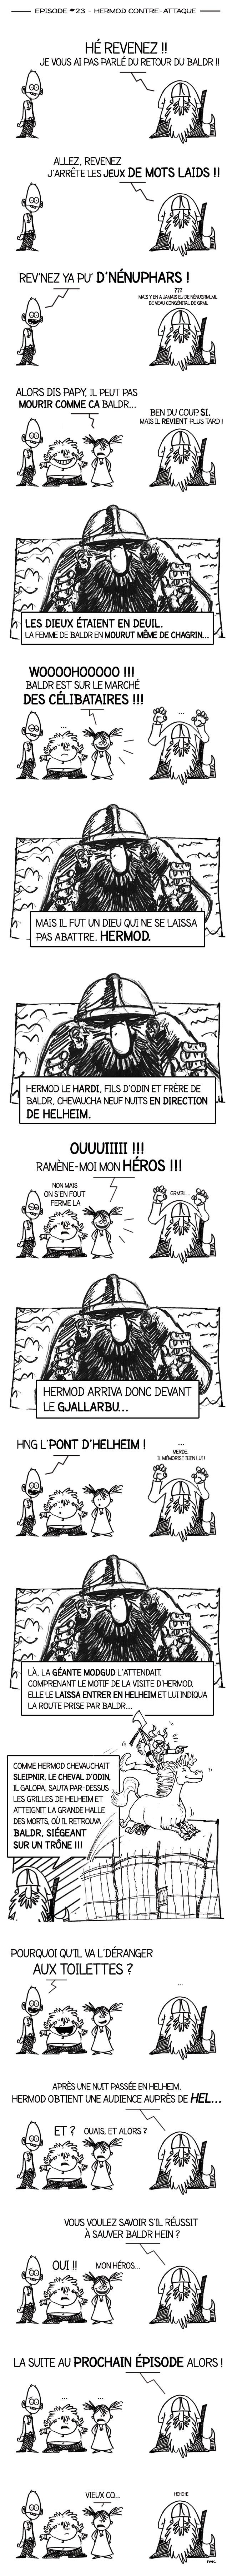 Papy Viking 23 - Hermod contre-attaque